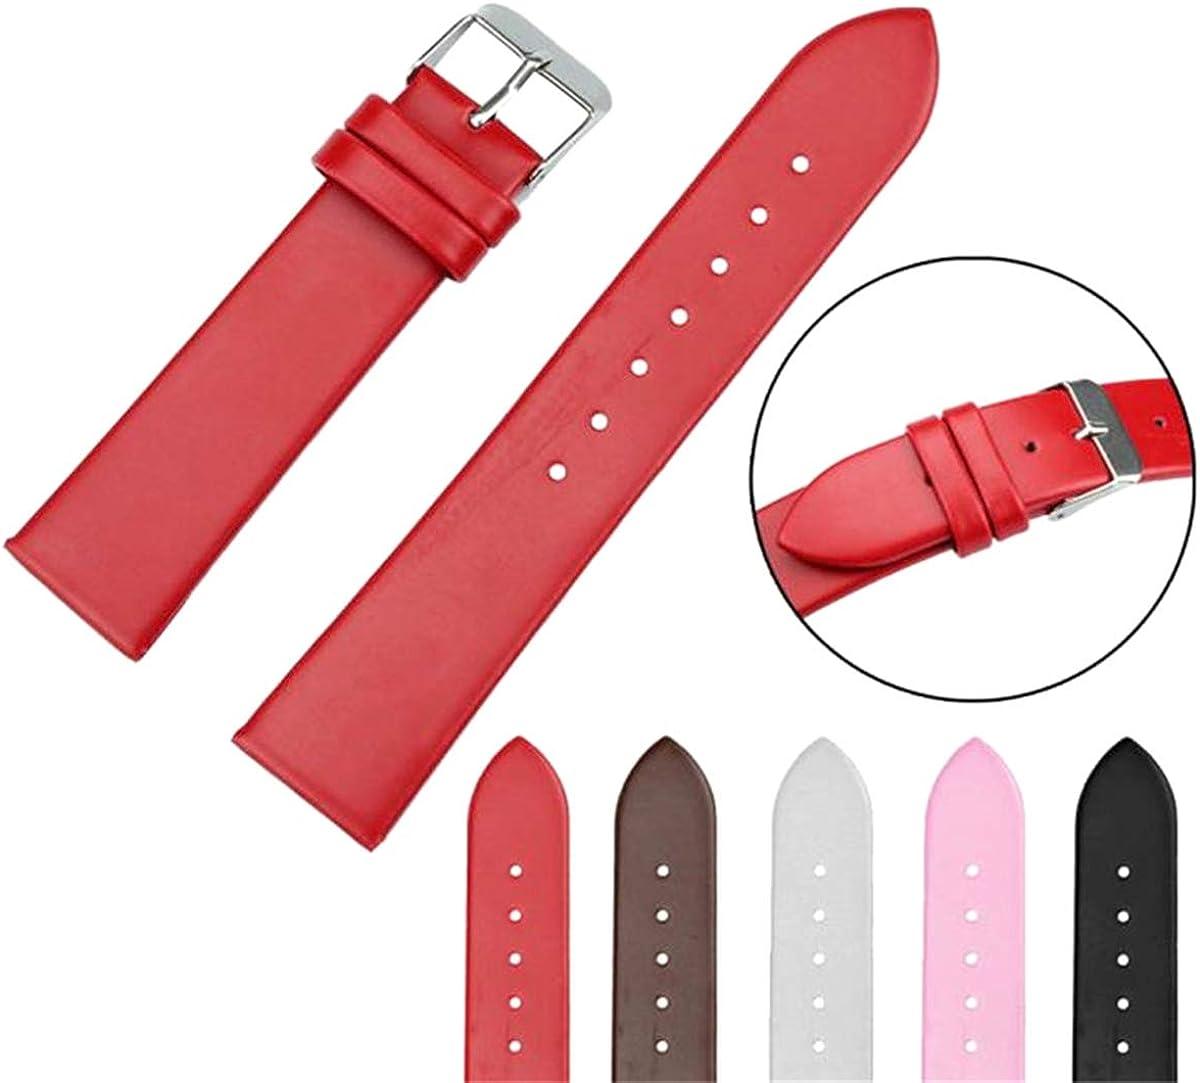 20mm Noir Café Rose Rouge Blanc Femmes Bracelet en Cuir Montre Tresse Simple Bande D'armure en Acier Inoxydable Boucle Black